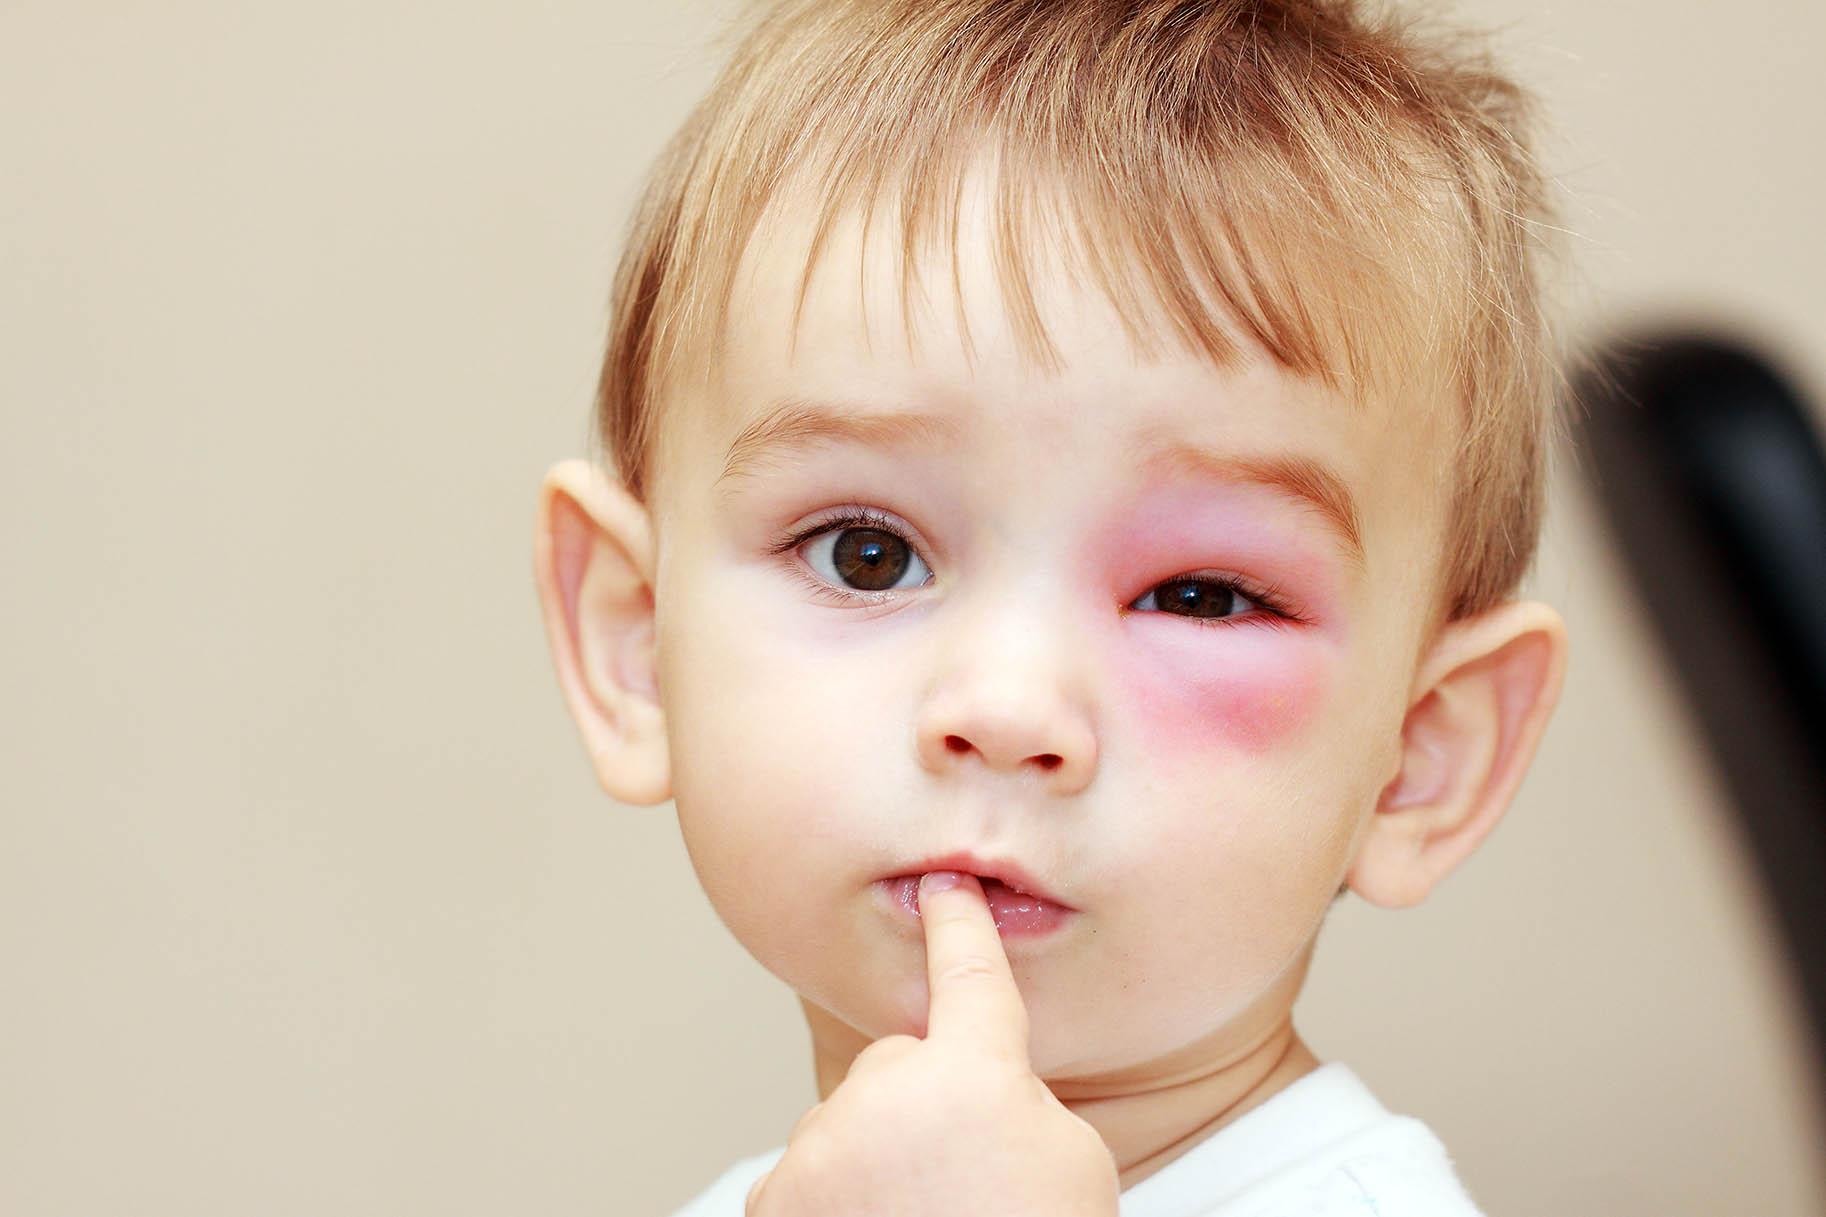 bambino con reazione allergica rigonfiamento vicino l'occhio